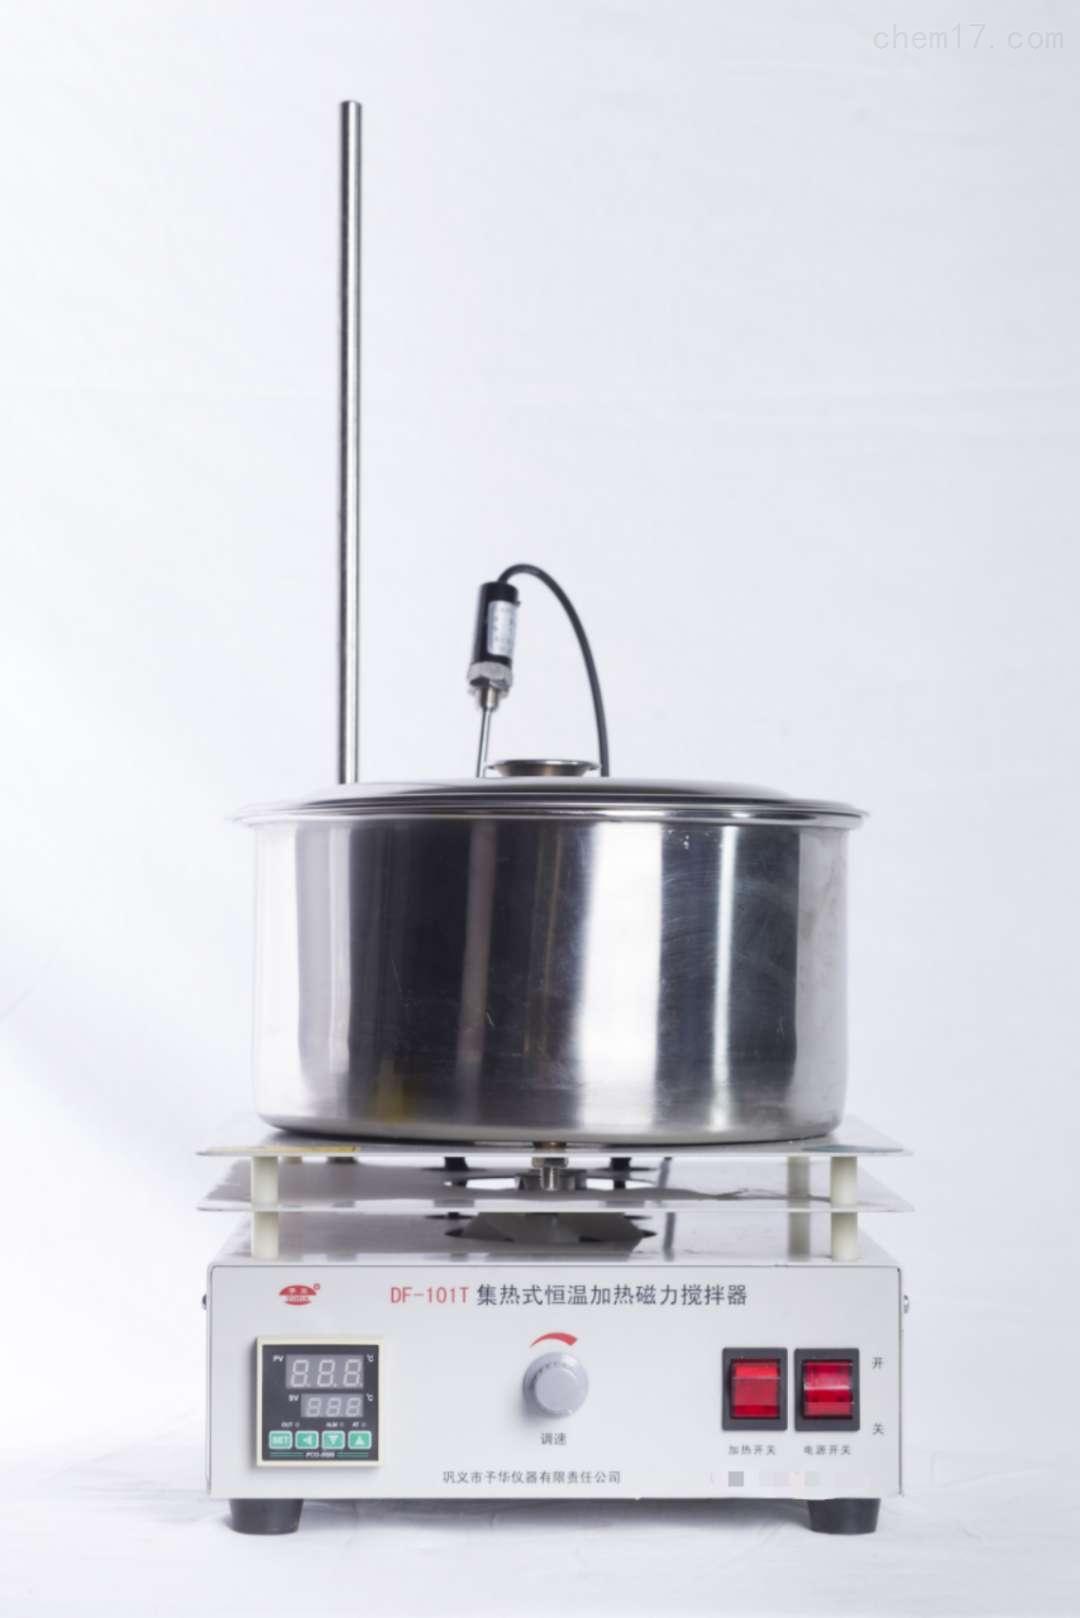 实验室大容量集热式恒温磁力搅拌(加热锅)